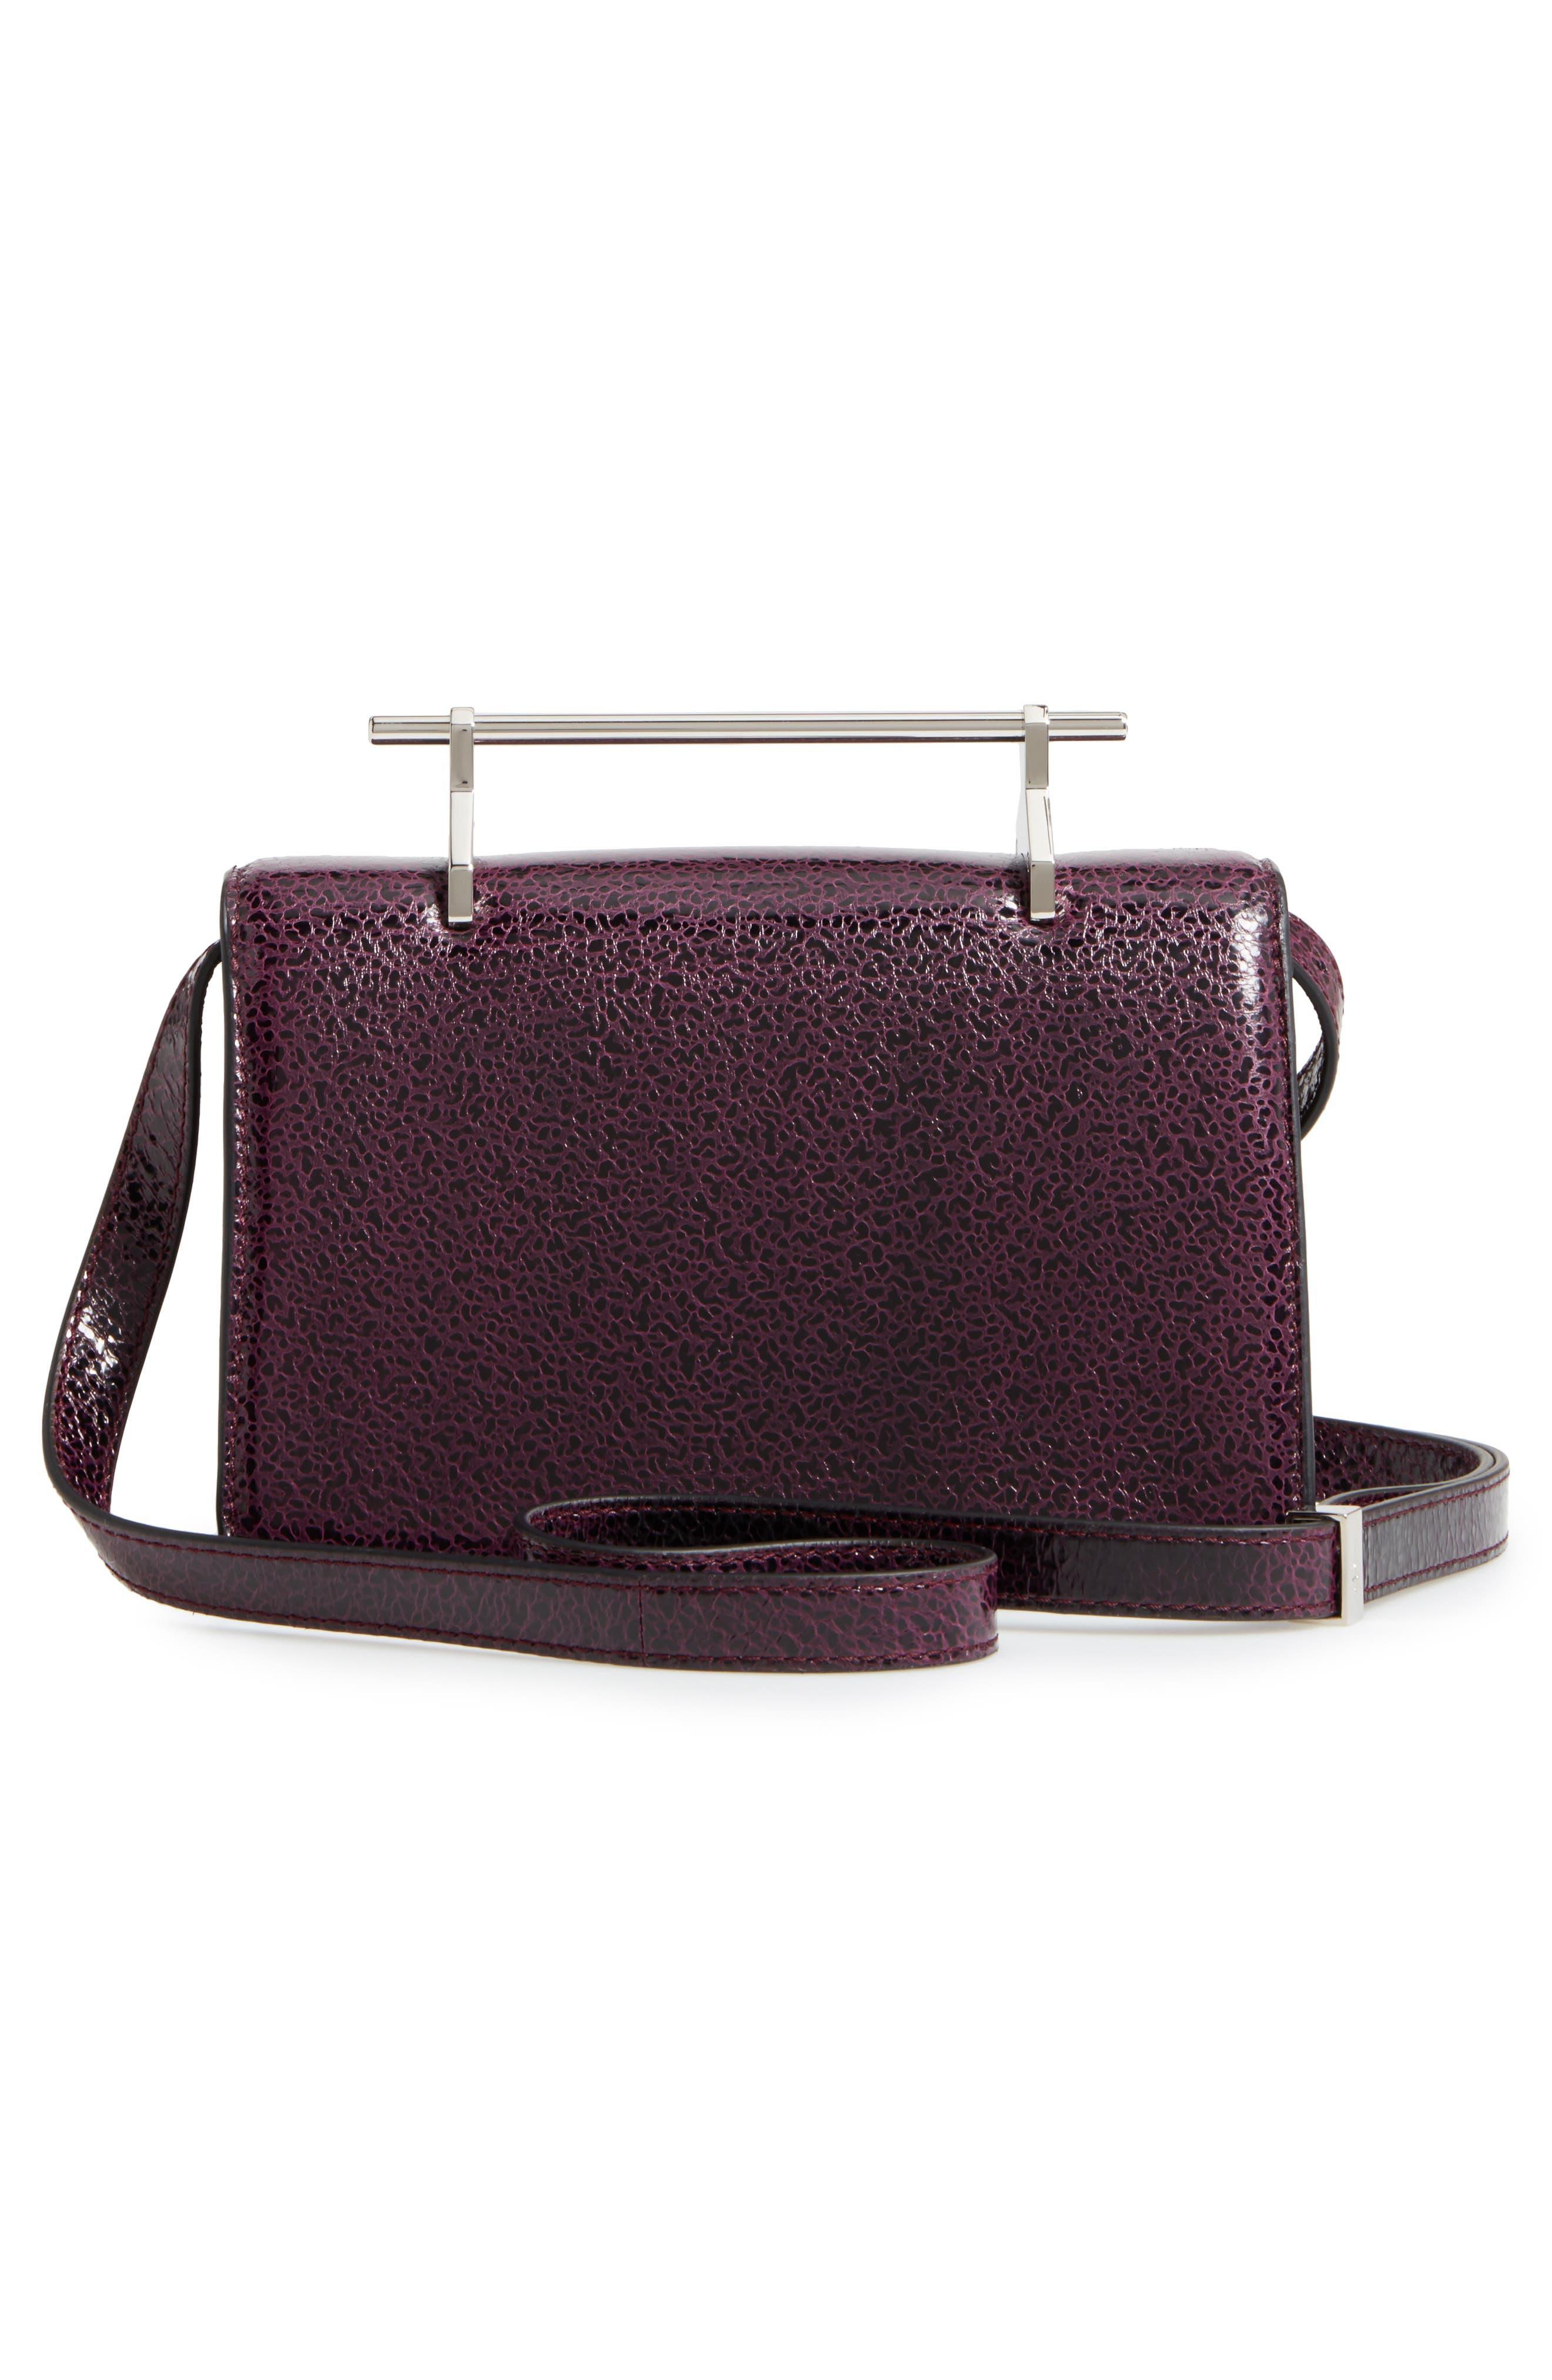 Indre Leather Shoulder Bag,                             Alternate thumbnail 3, color,                             930